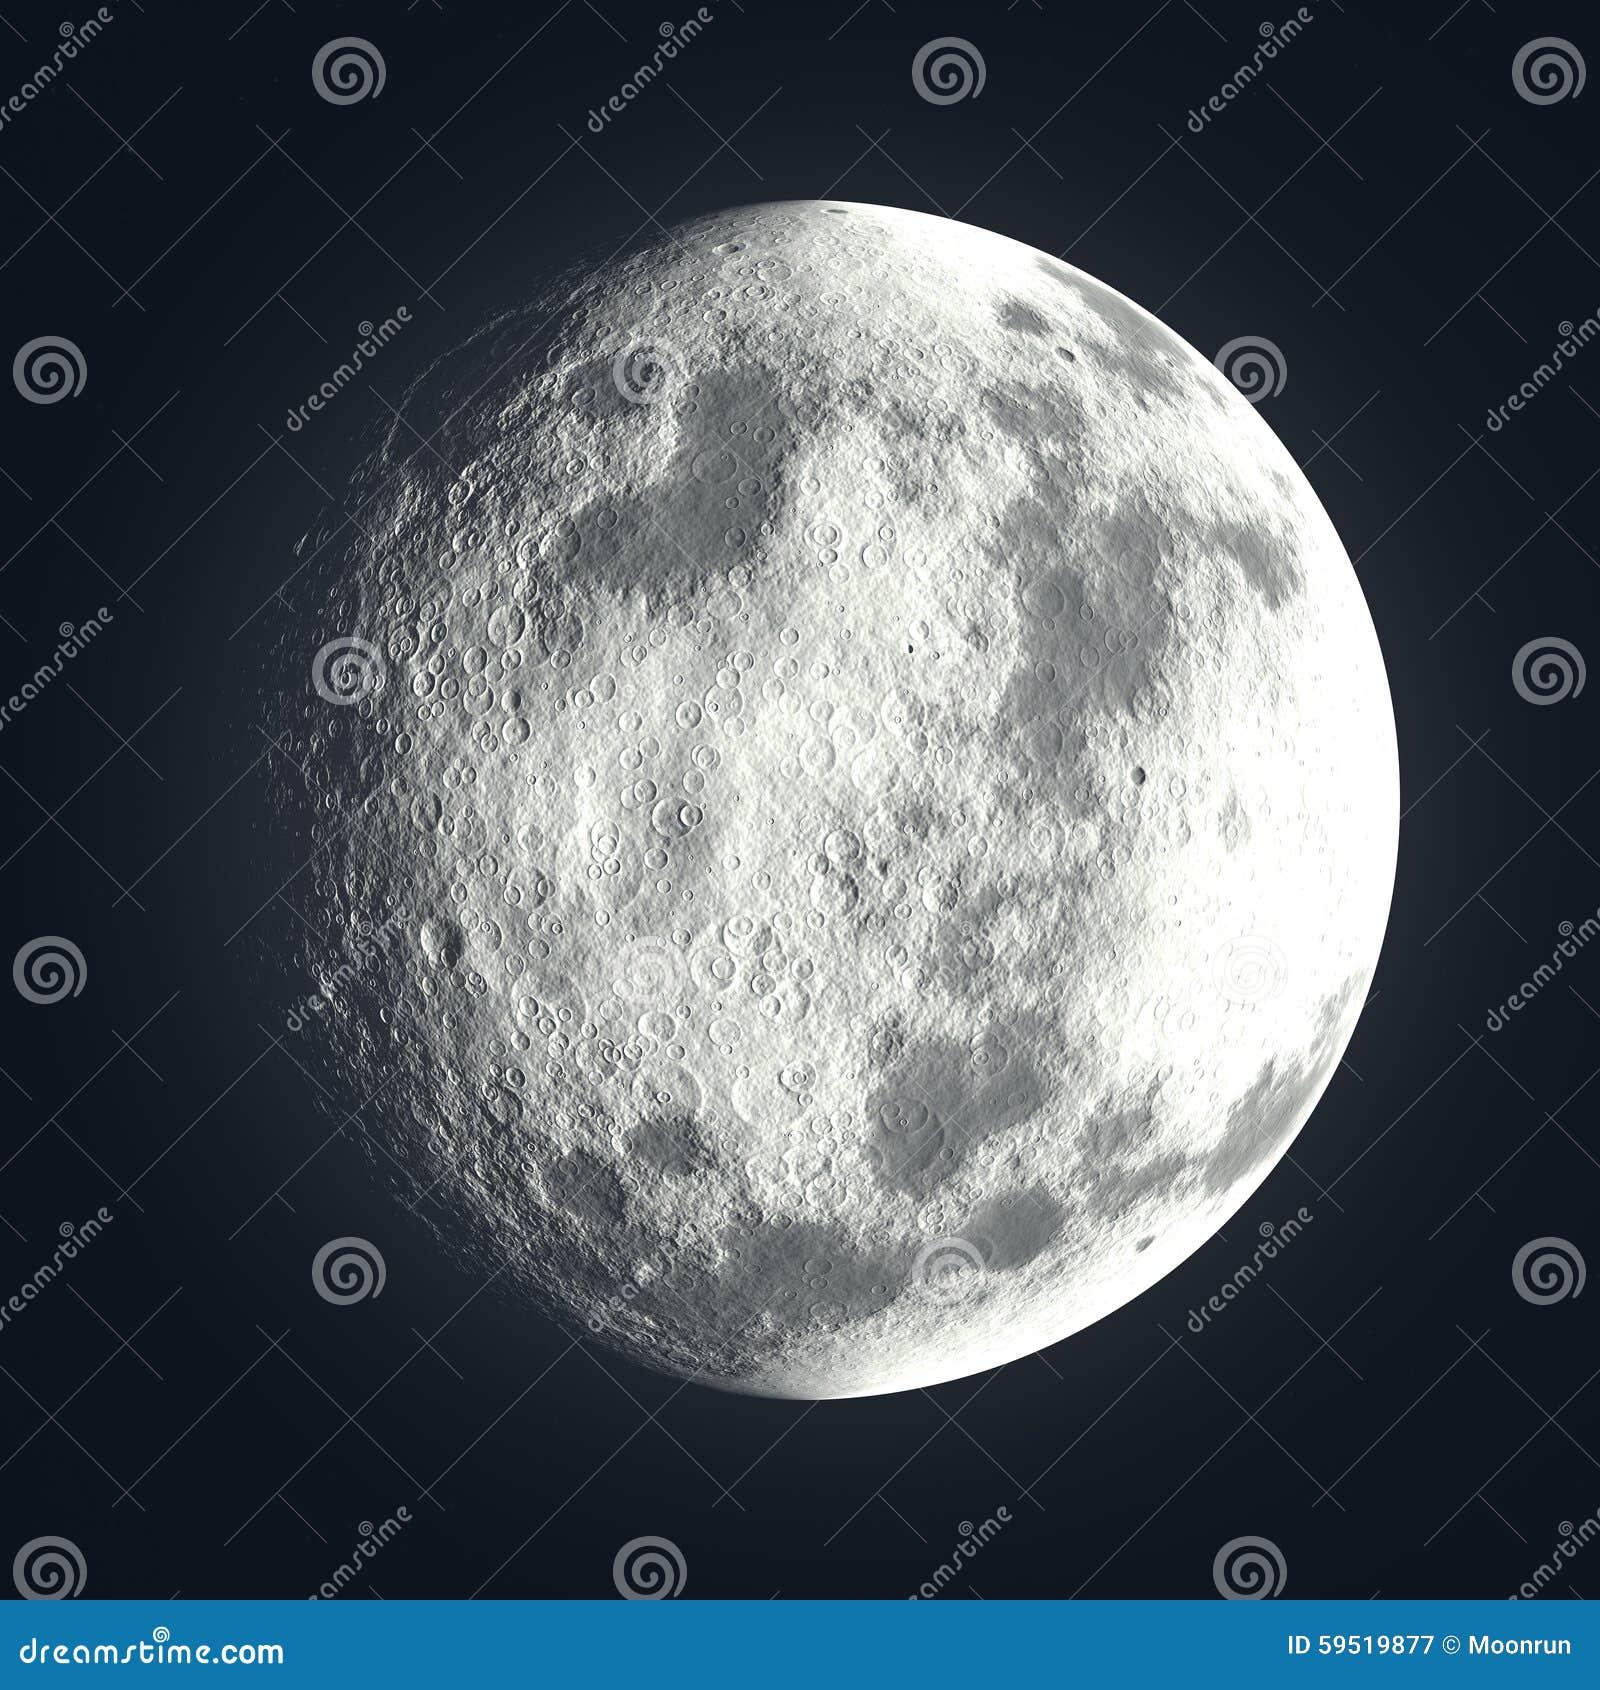 Lune avec les cratères lunaires